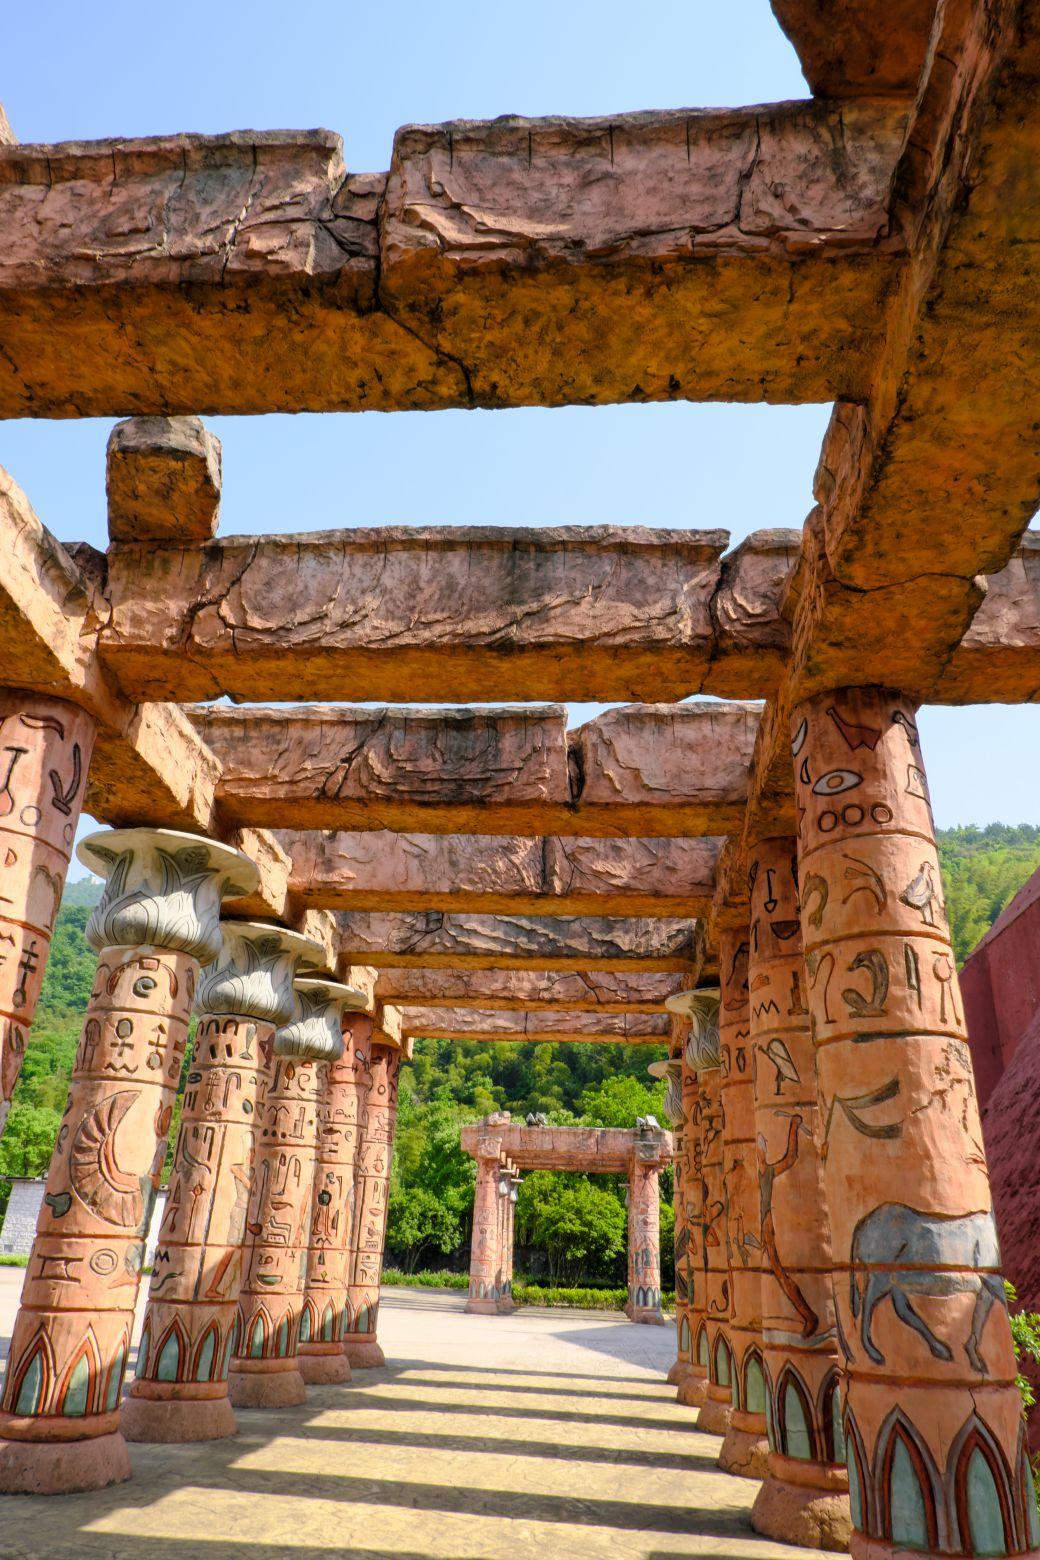 埃及文化柱子照片 - 免费商用照片下载